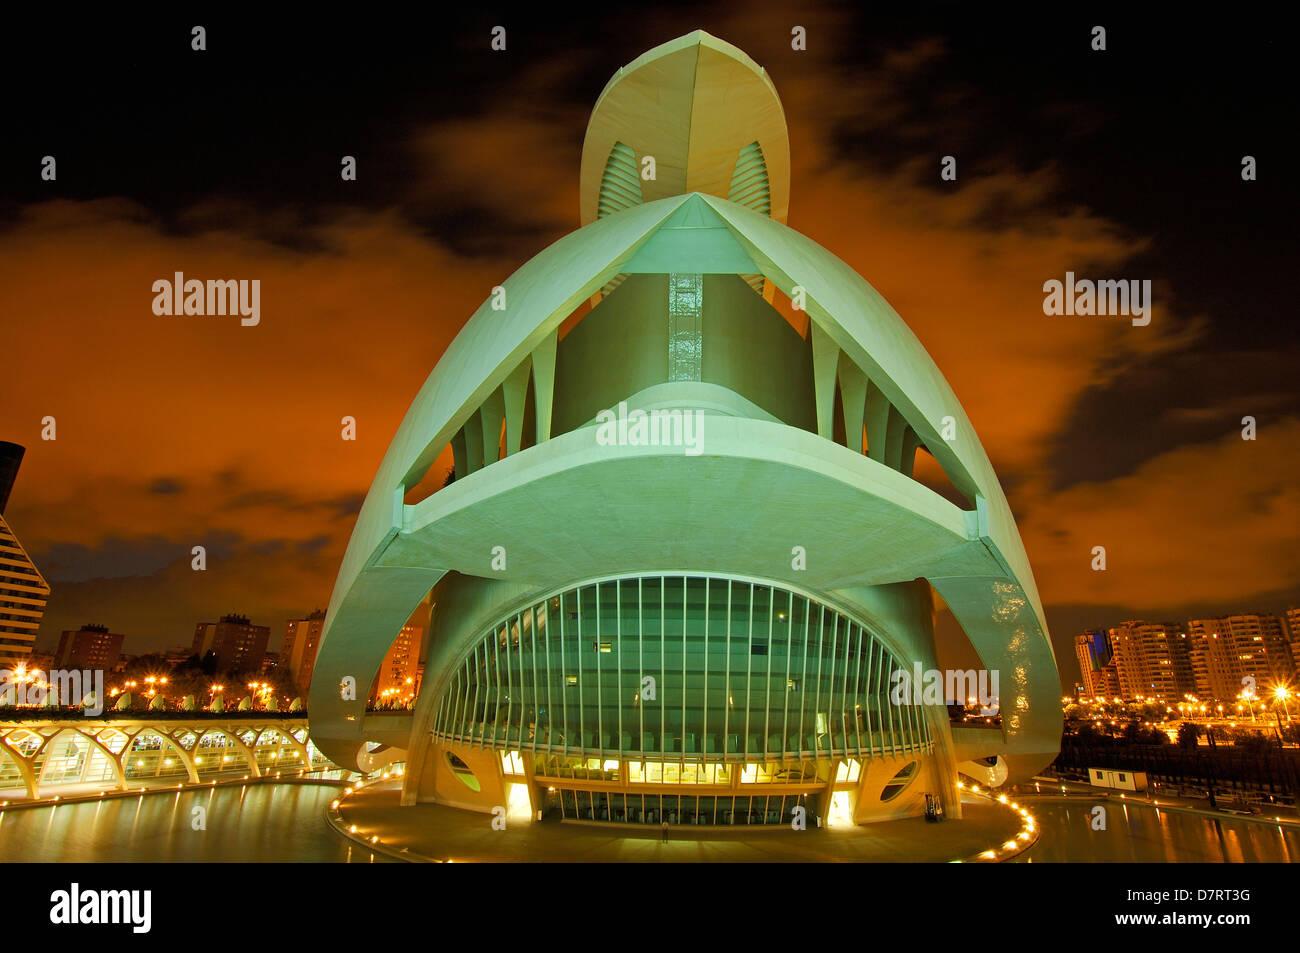 Palazzo delle Arti Reina Sofia, da S. Calatrava. Città delle Arti e delle Scienze. Comunidad Valenciana, Valencia. Immagini Stock